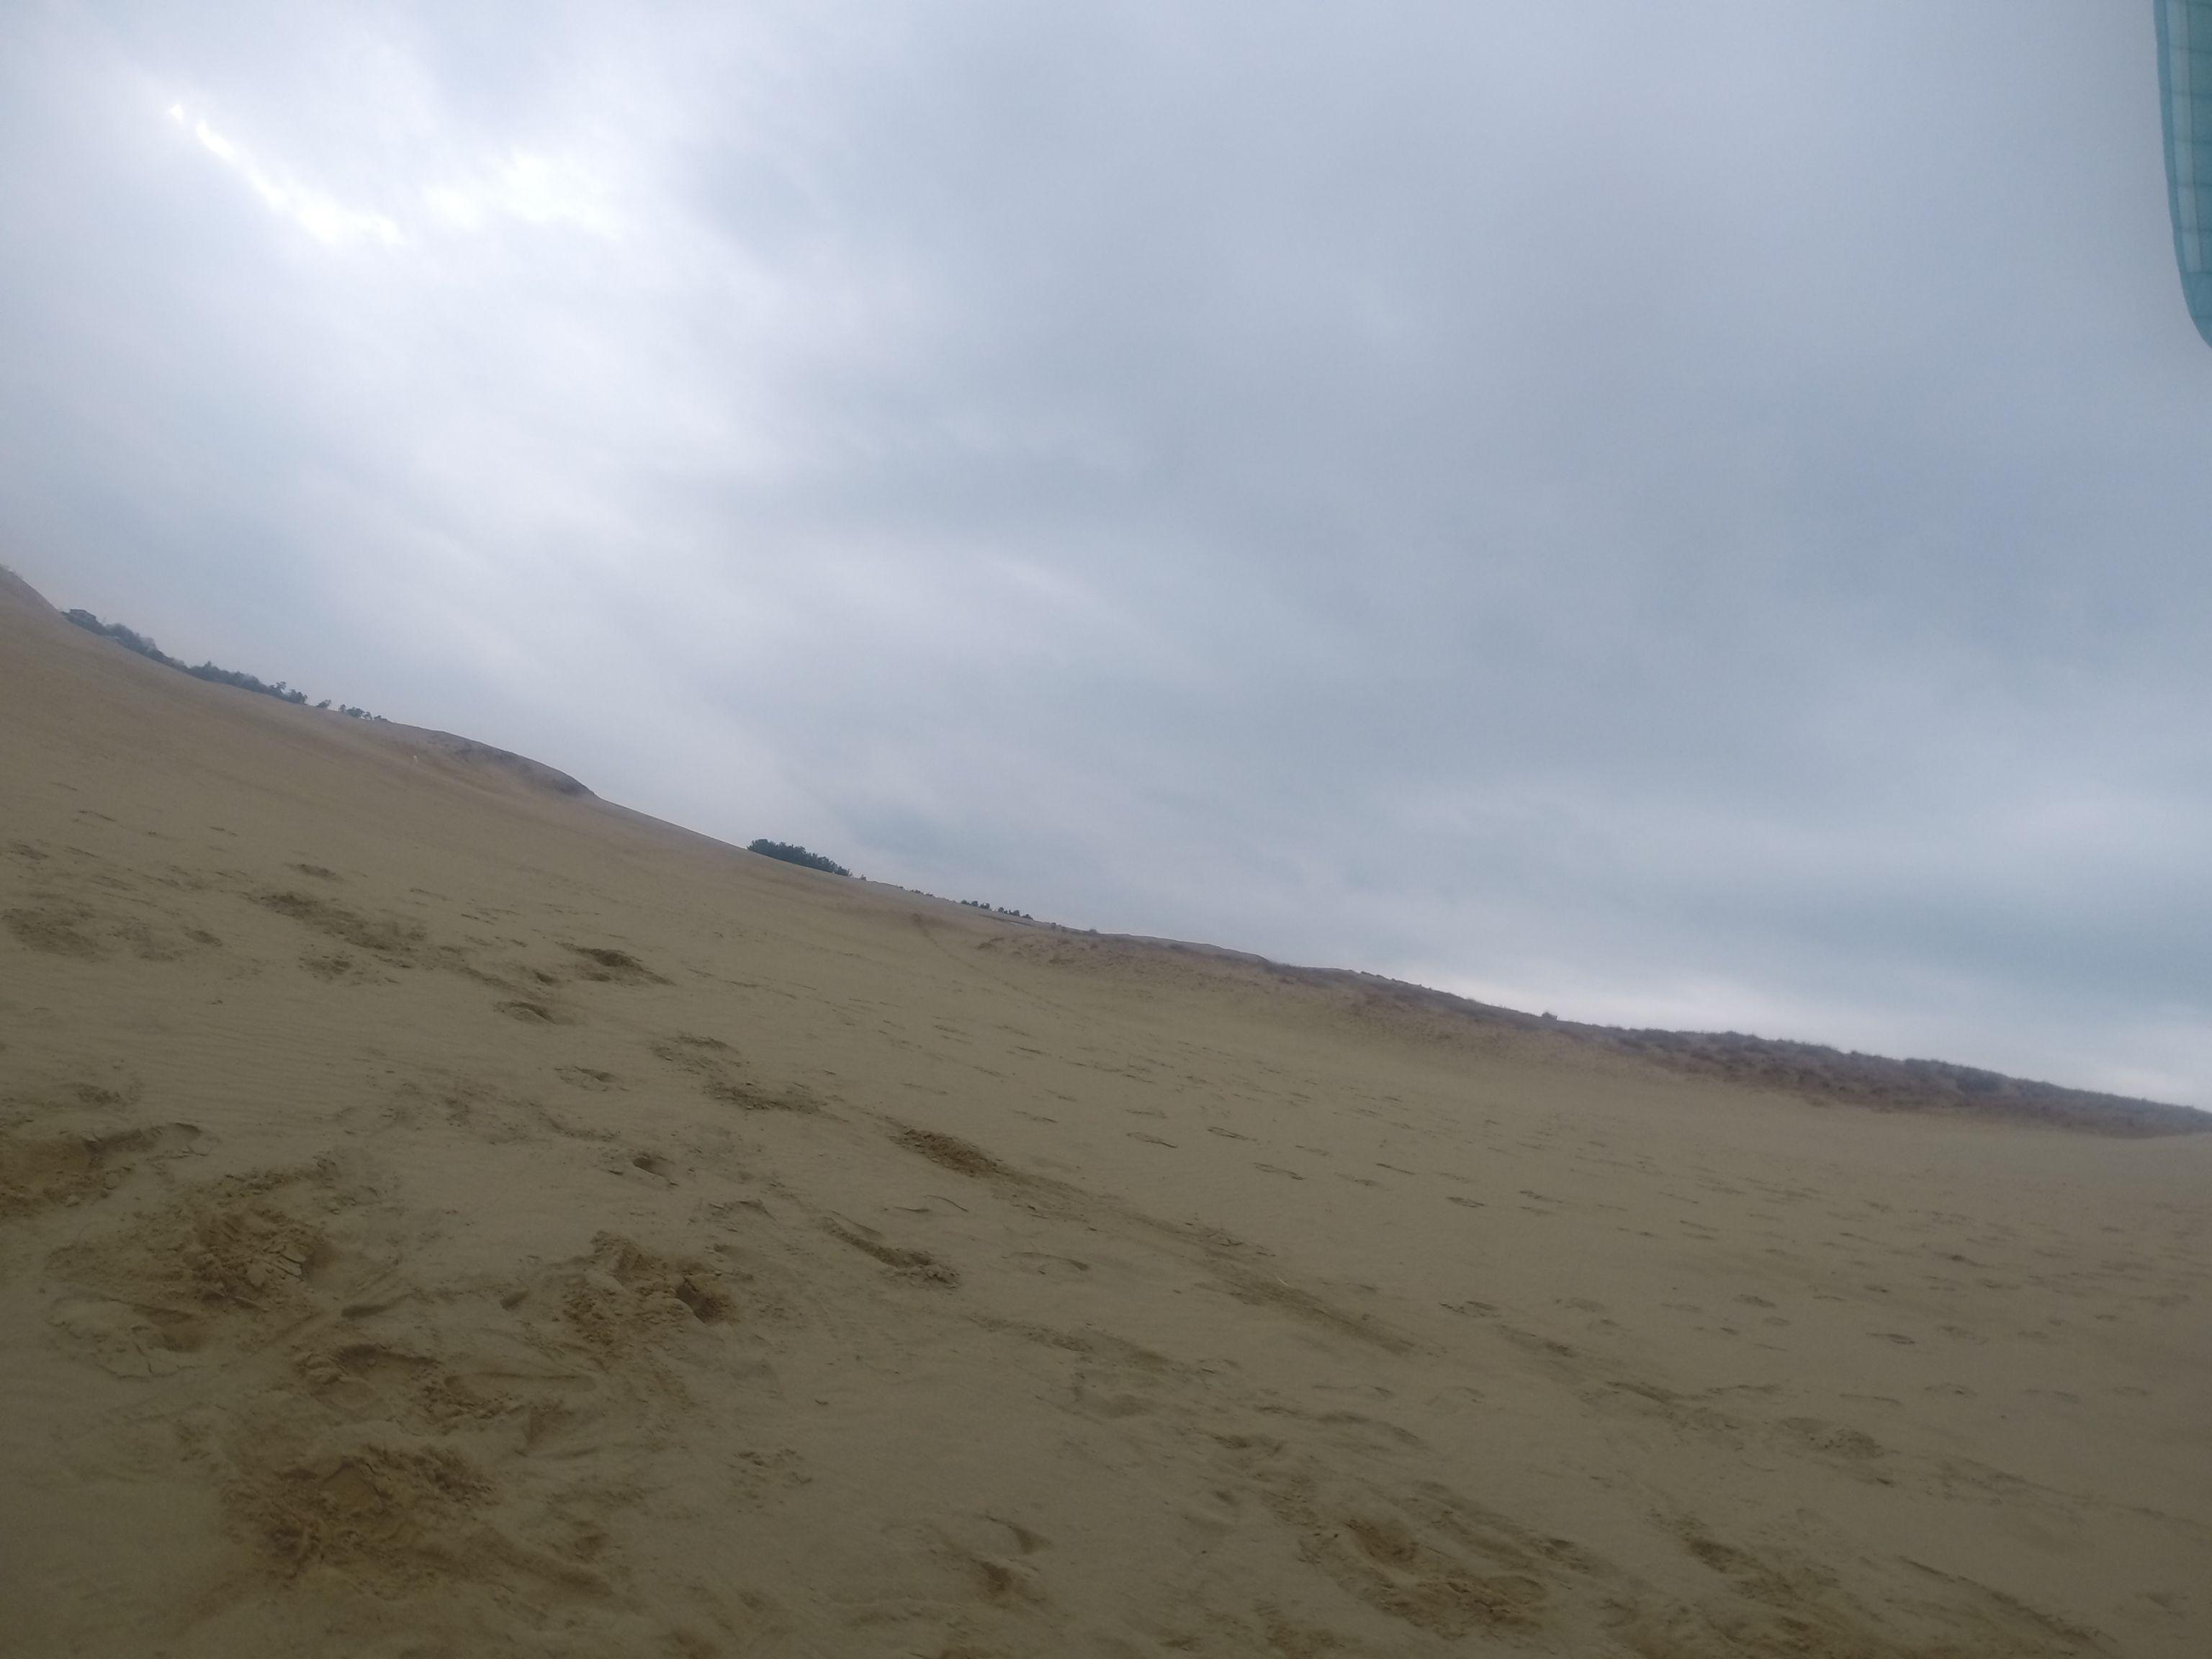 すっかり冬景色の鳥取砂丘